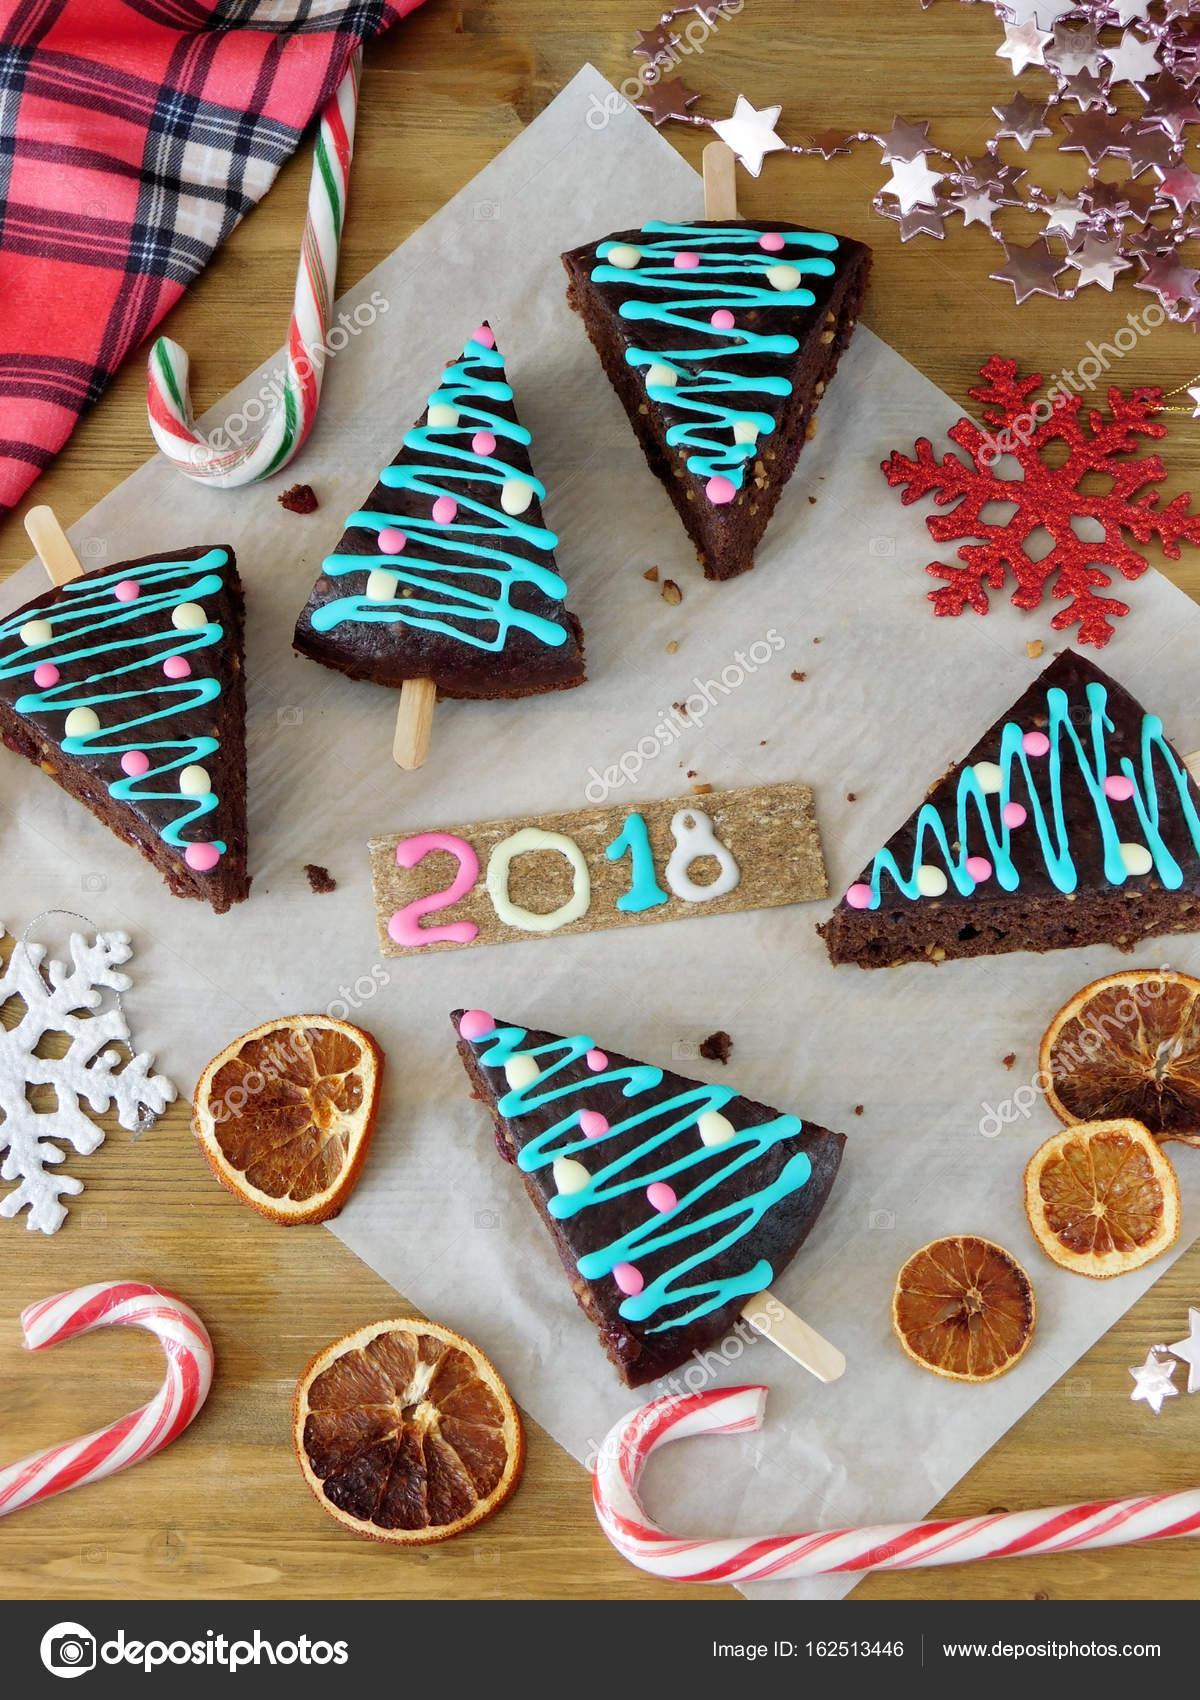 Nouvel an 2018. Pâtisserie de Noël, bonbons et décorations. Gâteaux décorés  comme des arbres de Noël. Composition de Noël et nouvel an \u2014 Image de Kcuxen